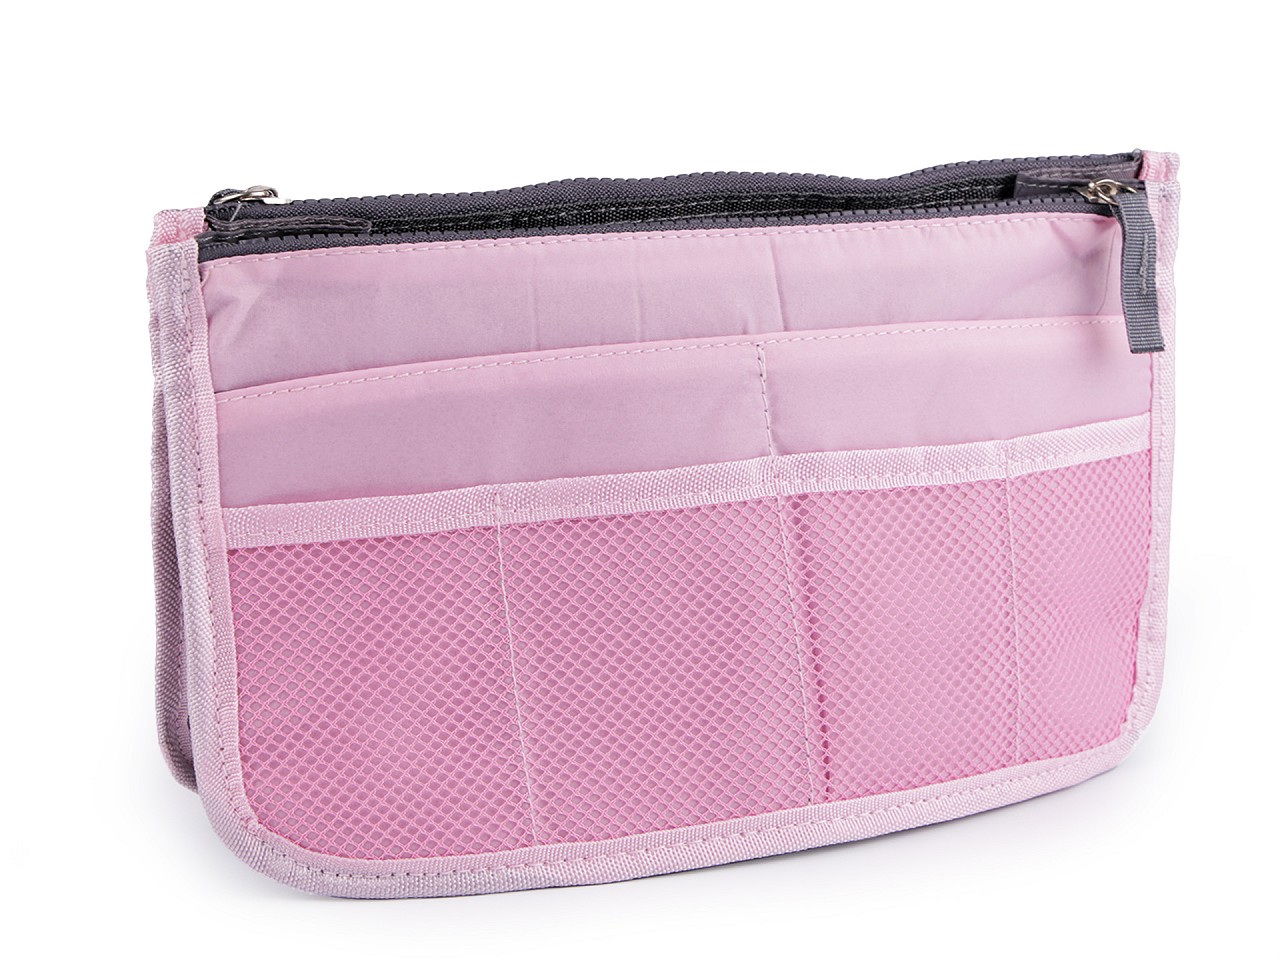 Organizér do kabelky 16x27 cm, barva 2 růžová sv.